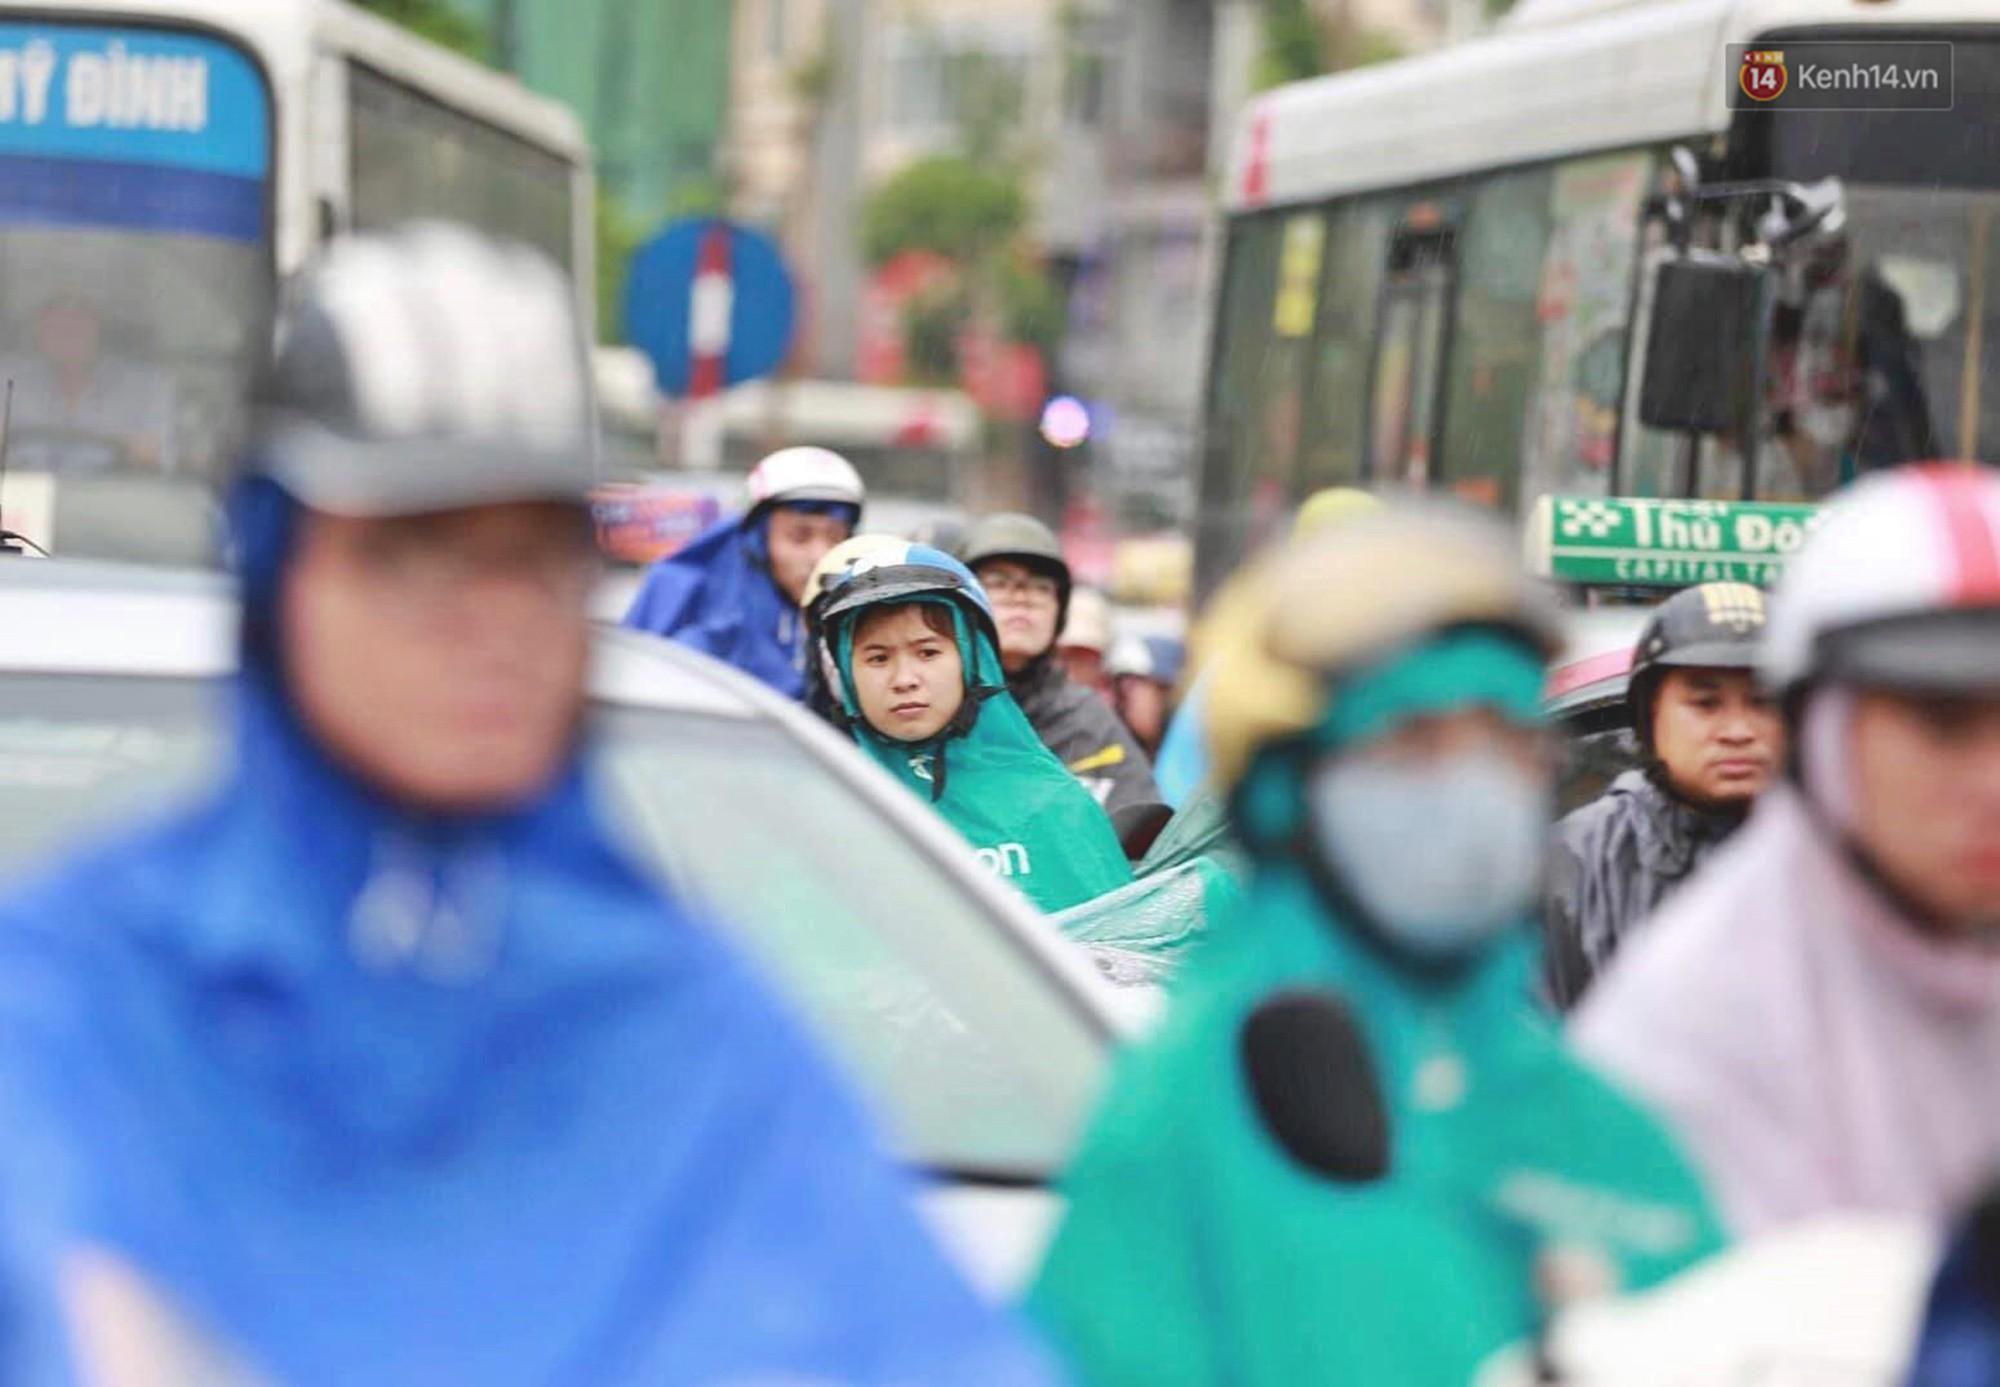 Ảnh: Đường phố Hà Nội tắc nghẽn kinh hoàng trong ngày làm việc đầu tiên sau kỳ nghỉ lễ 30/4 - 1/5 - Ảnh 6.